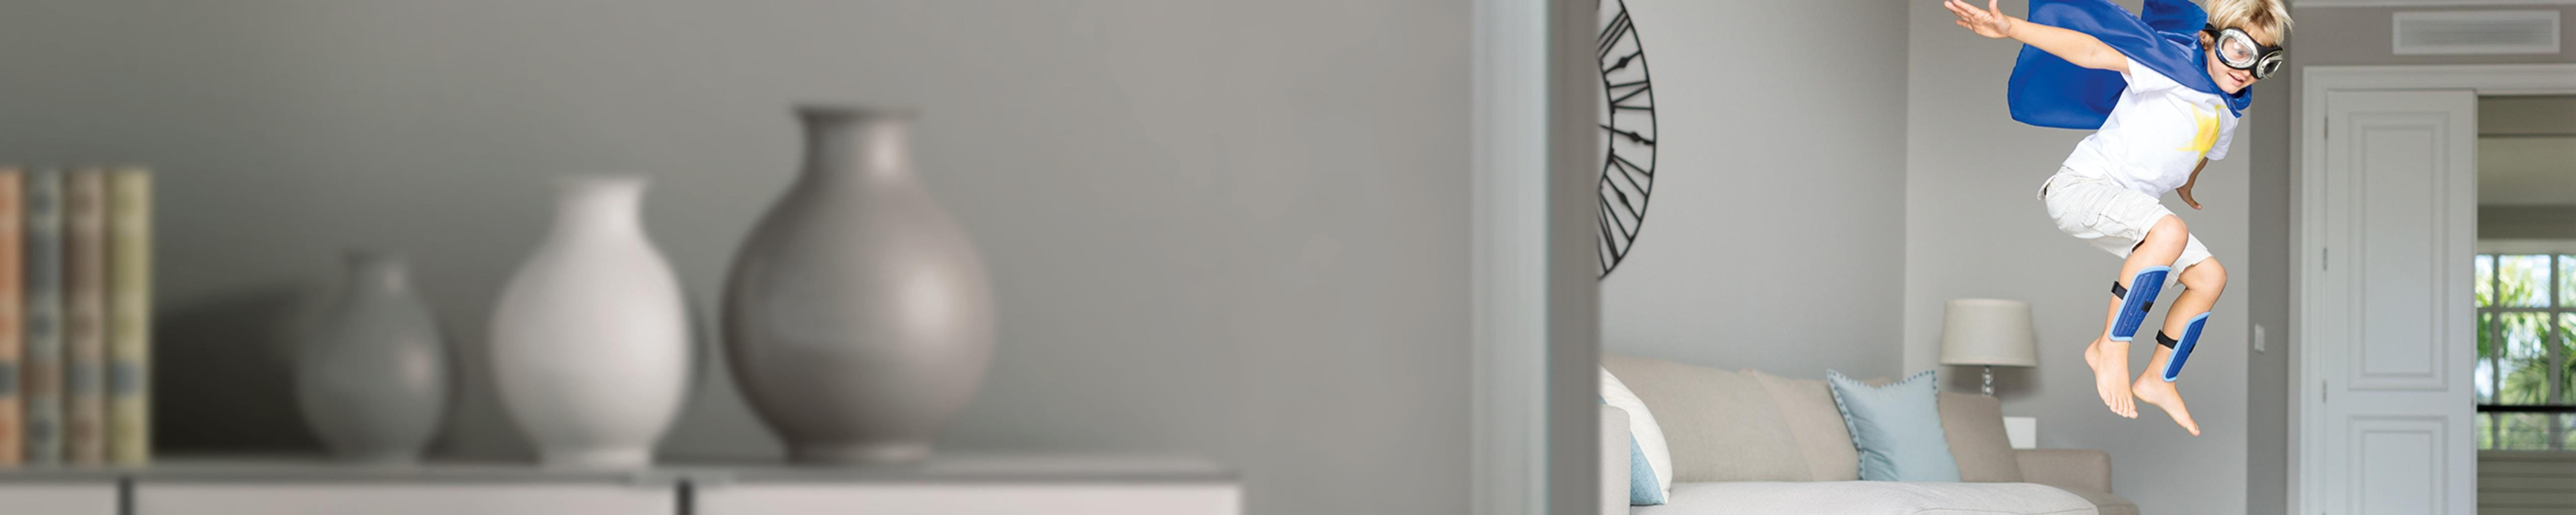 pr mie berechnen zurich schweiz. Black Bedroom Furniture Sets. Home Design Ideas